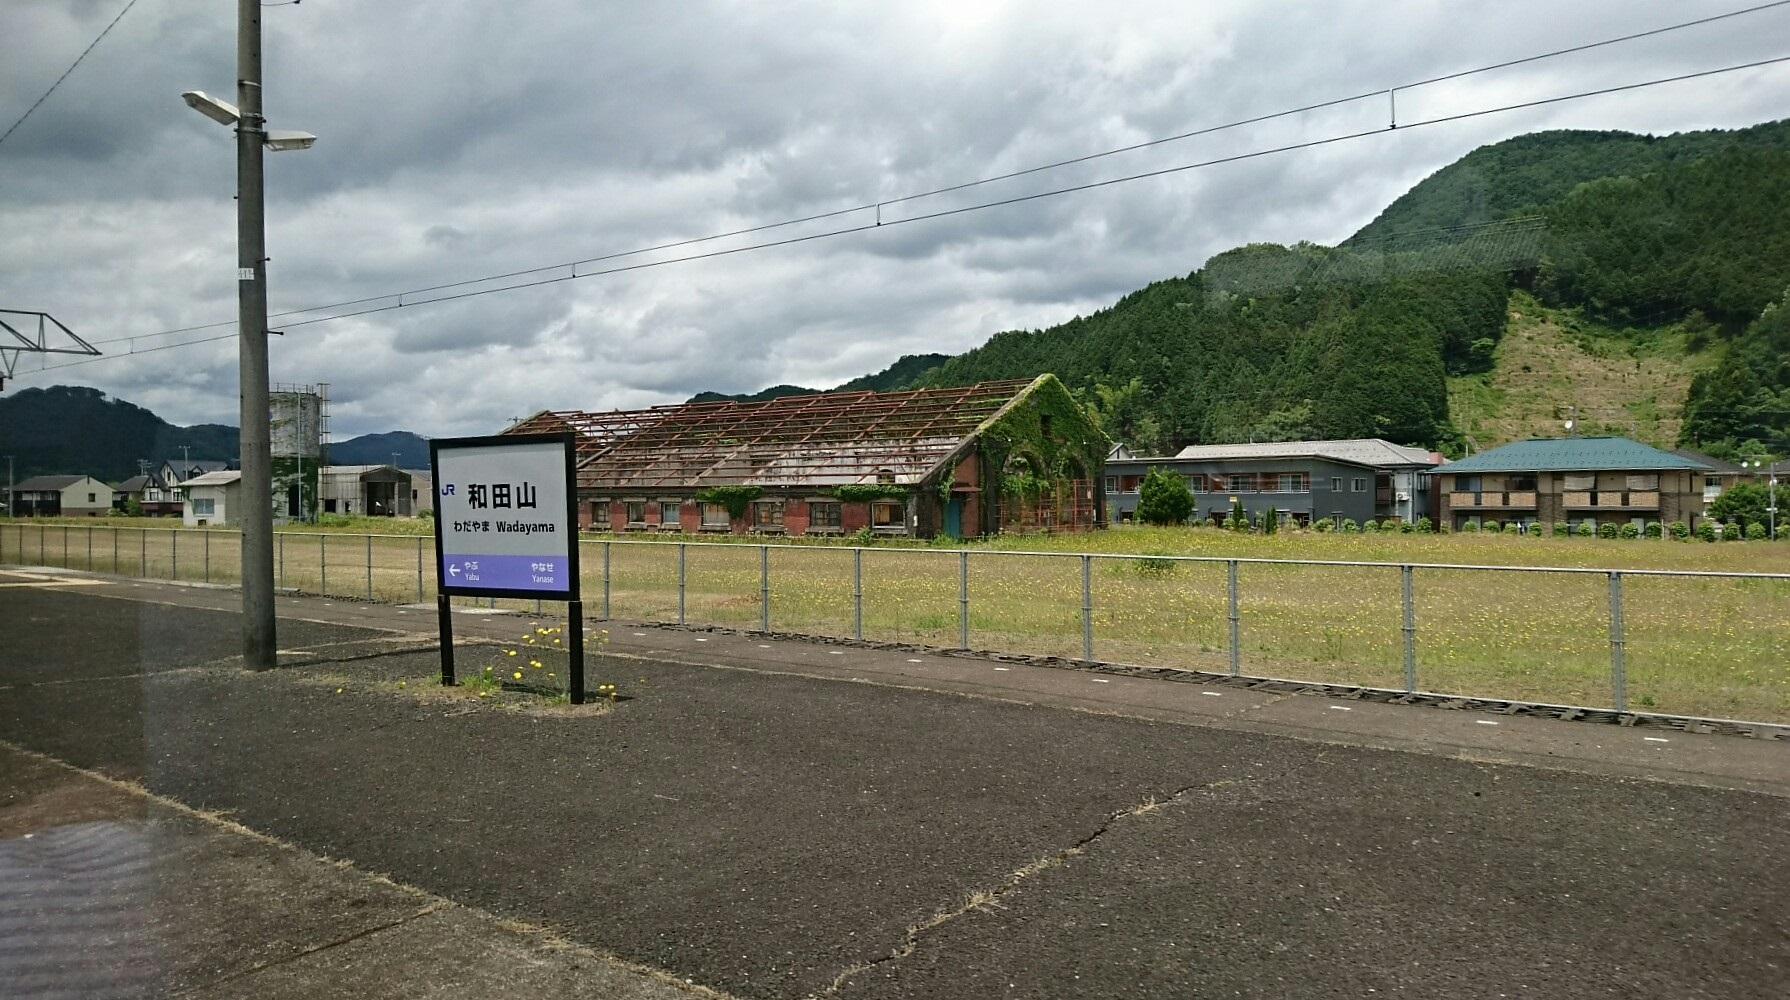 2017.6.3 豊岡 (48) こうのとり5号 - 和田山 1790-1000